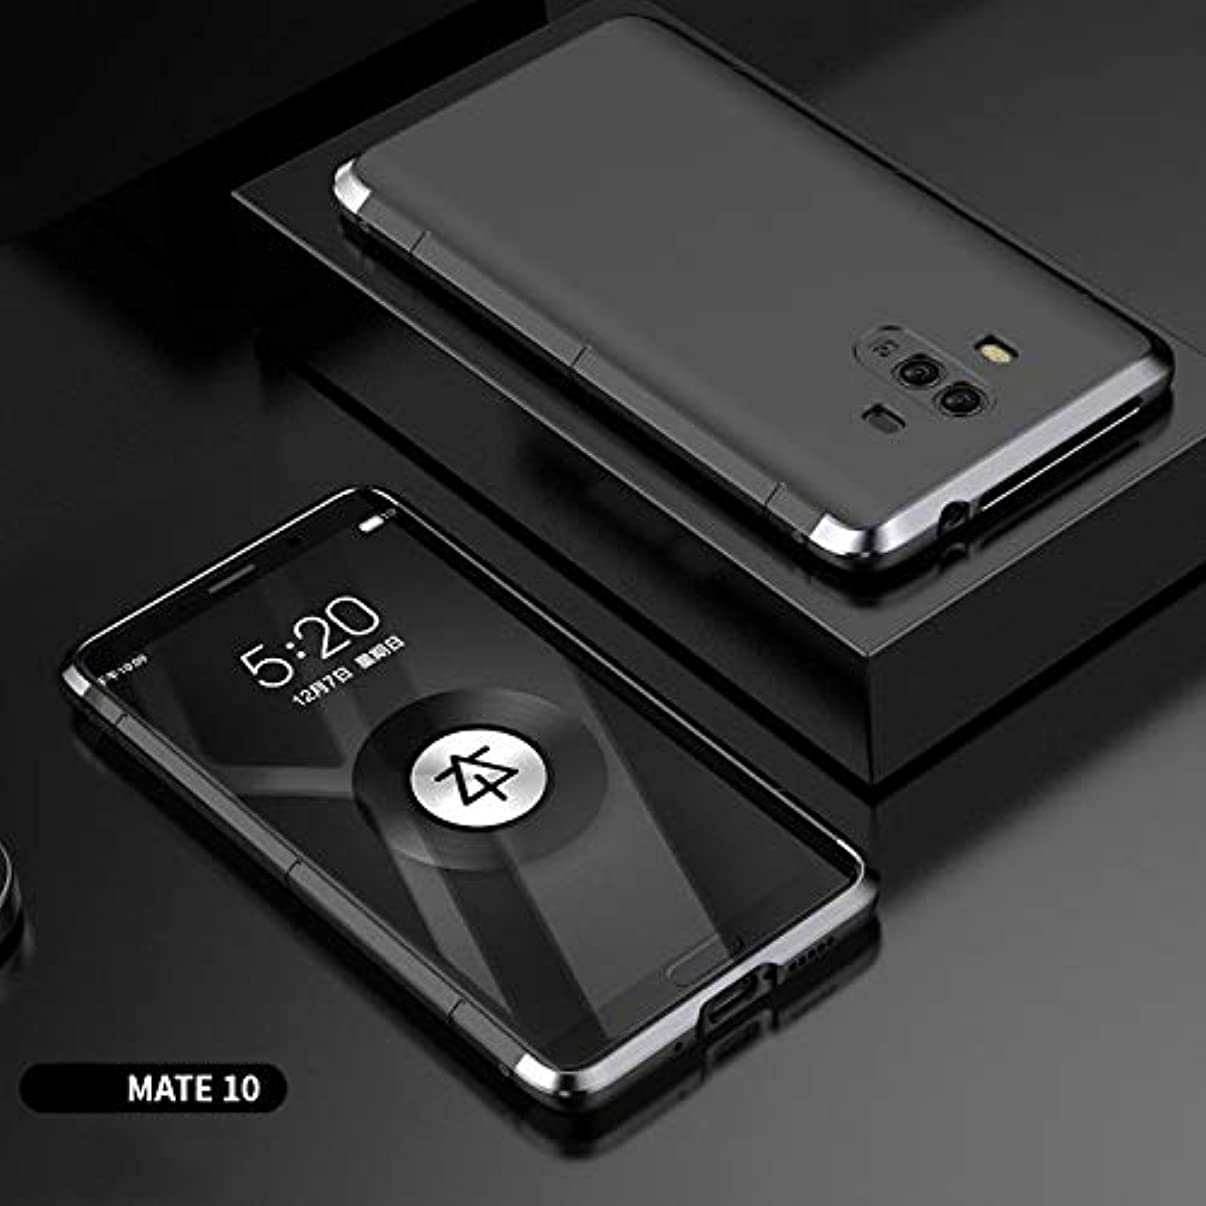 ポンド検索浴Jicorzo - Huawei社メイト10 Coqueのために華為メイト10電話ケース耐衝撃バンパーフレームシェルのためにファッションメタル+ PC電話裏表紙